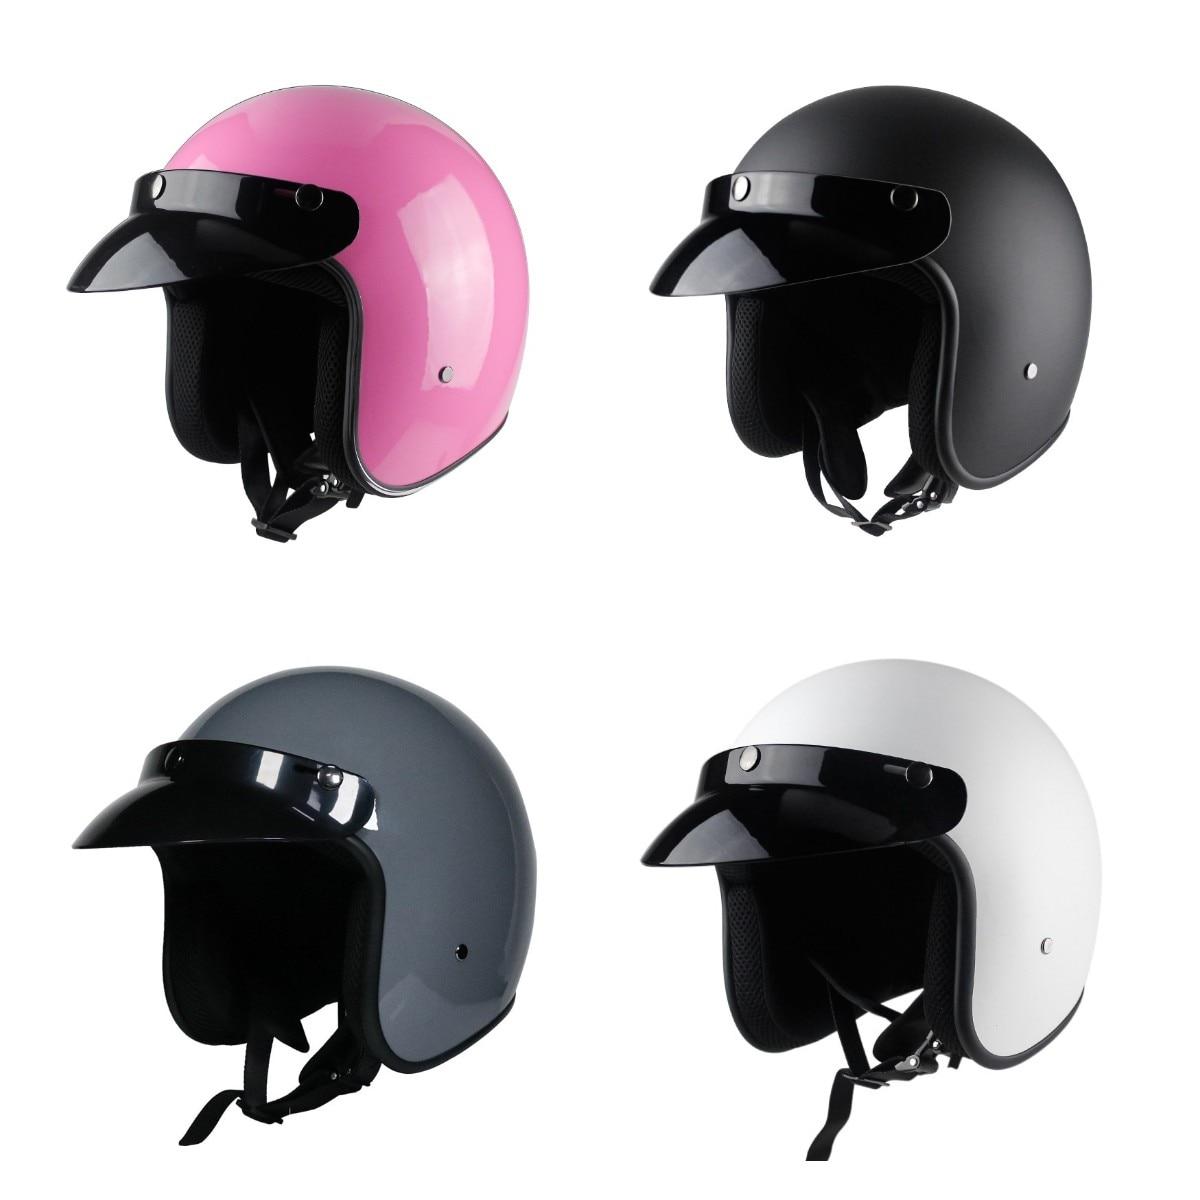 Capacete دي Moto خوذة 3/4 الوجه الرجعية خوذة Moto rcycle نتوء (غطاء) كاسكو Moto cicleta Capacete خوذة moto عبر